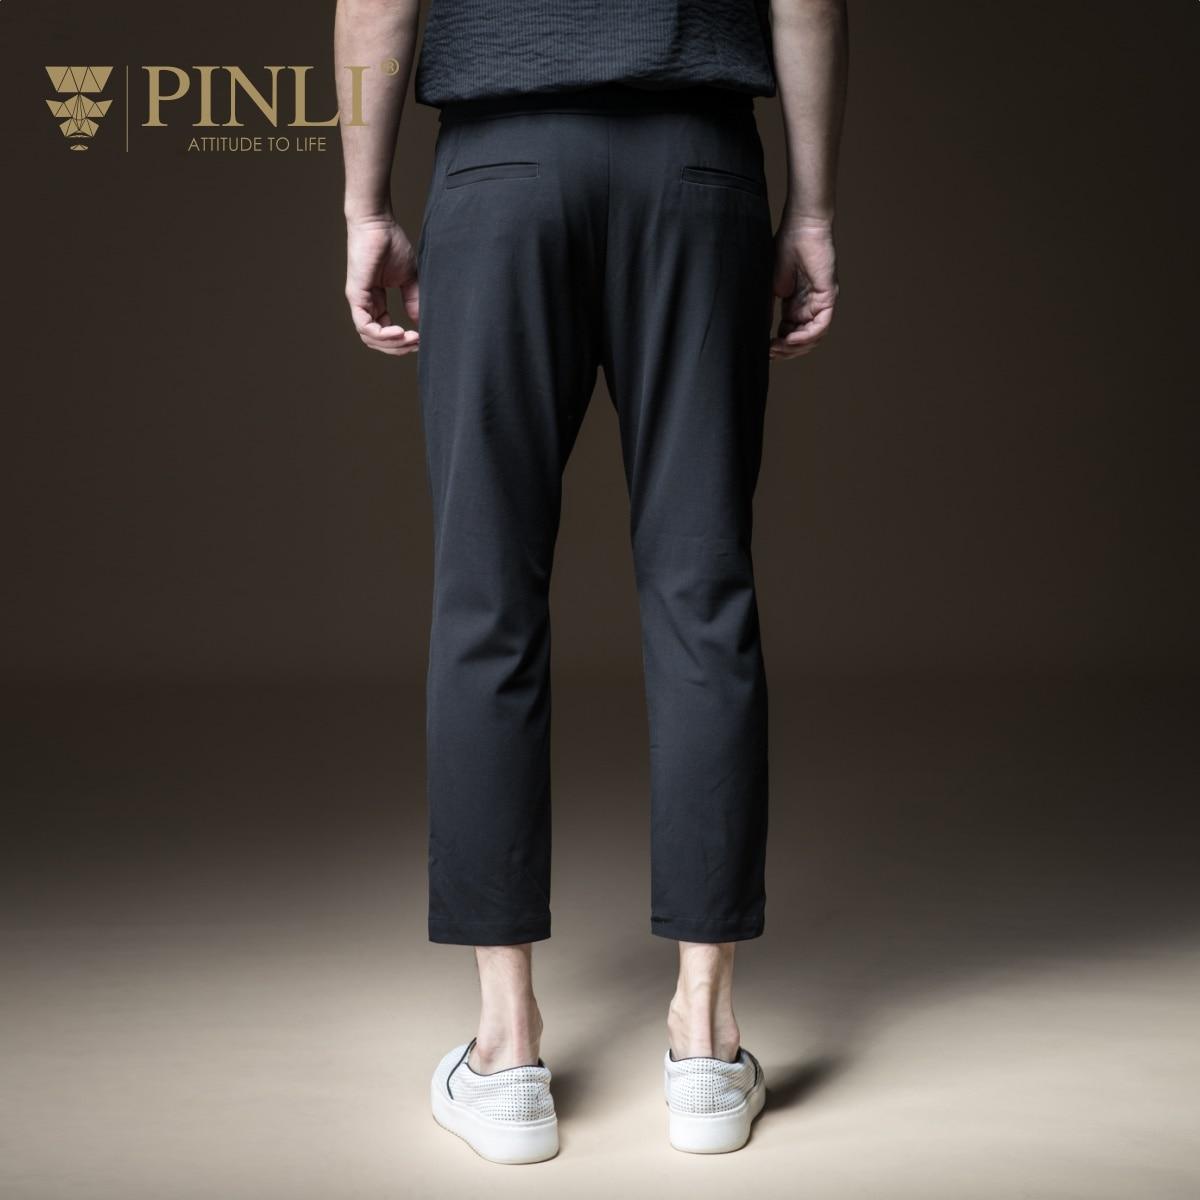 Pantalones Minutos Bordado Hombres See Pies La Chándal Ocio De Nueve Chart Producto Moralidad Verano Jogger B182817438 Nuevos Cultivar 4r4Cxq